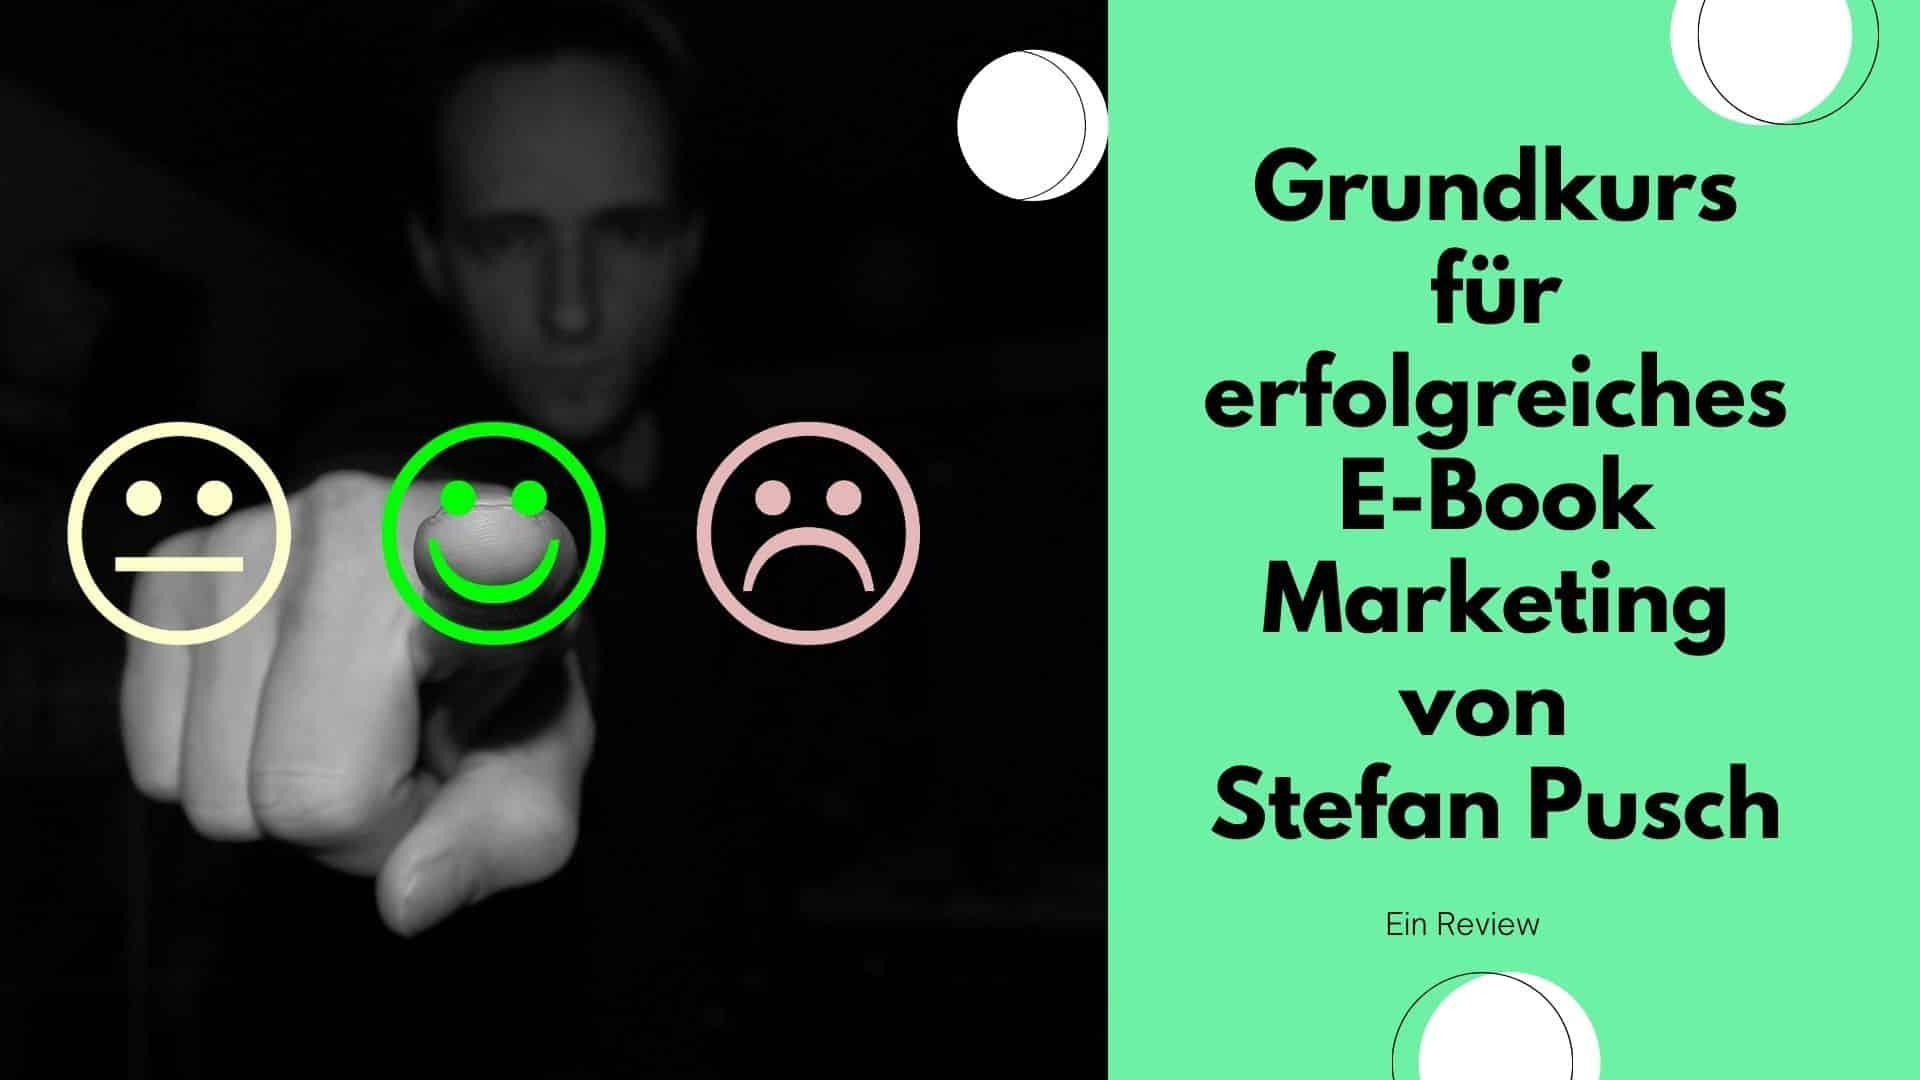 Review zu Stefan Pusch. Grundkurs für erfolgreiches E-Book Marketing von Stefan Pusch.